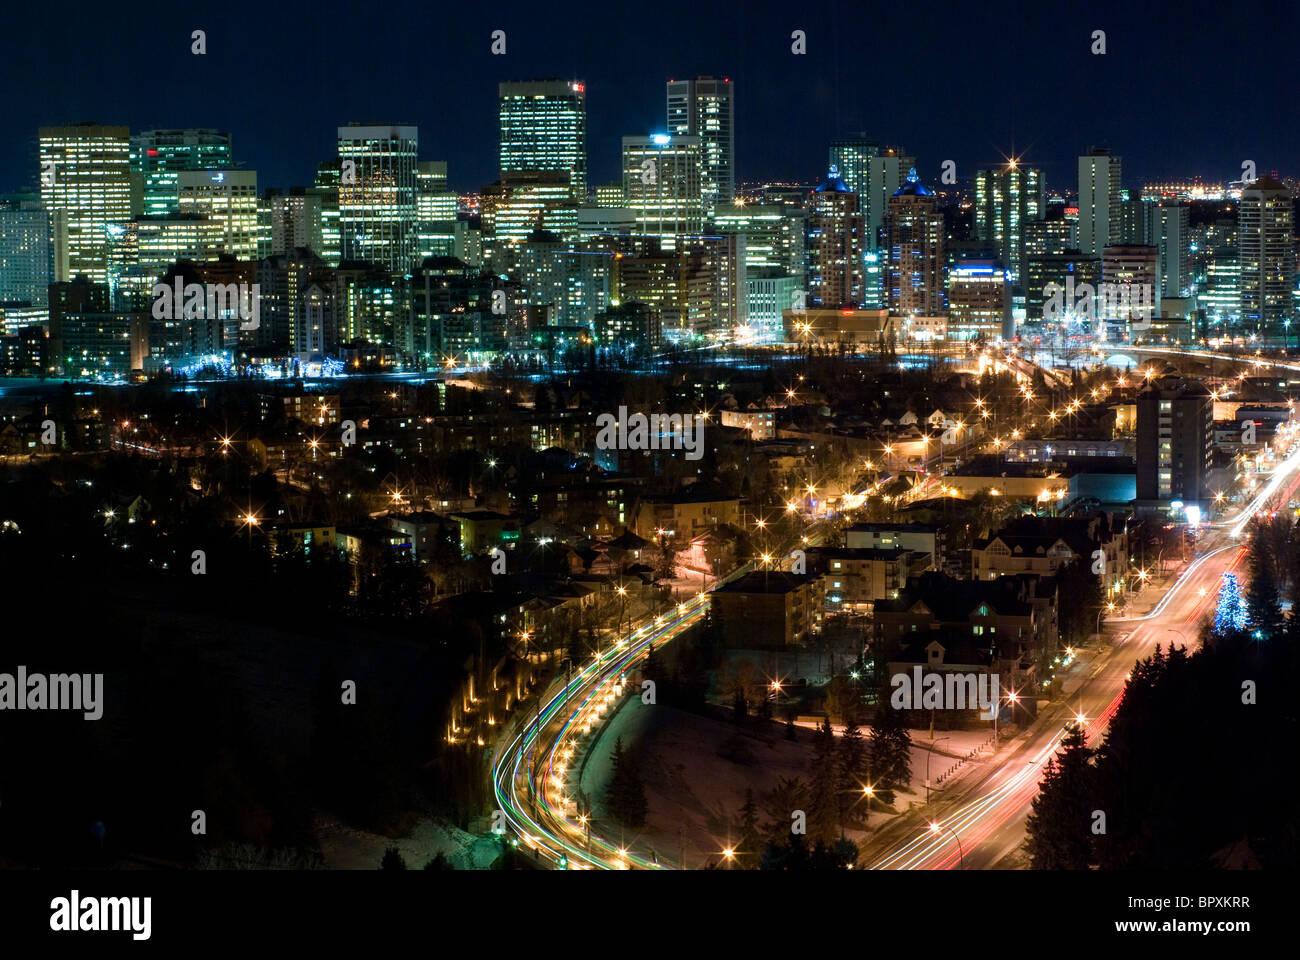 Calgary, Alberta, Canada skyline notturno con un loop di strada con la testa e le luci di coda in primo piano. Immagini Stock